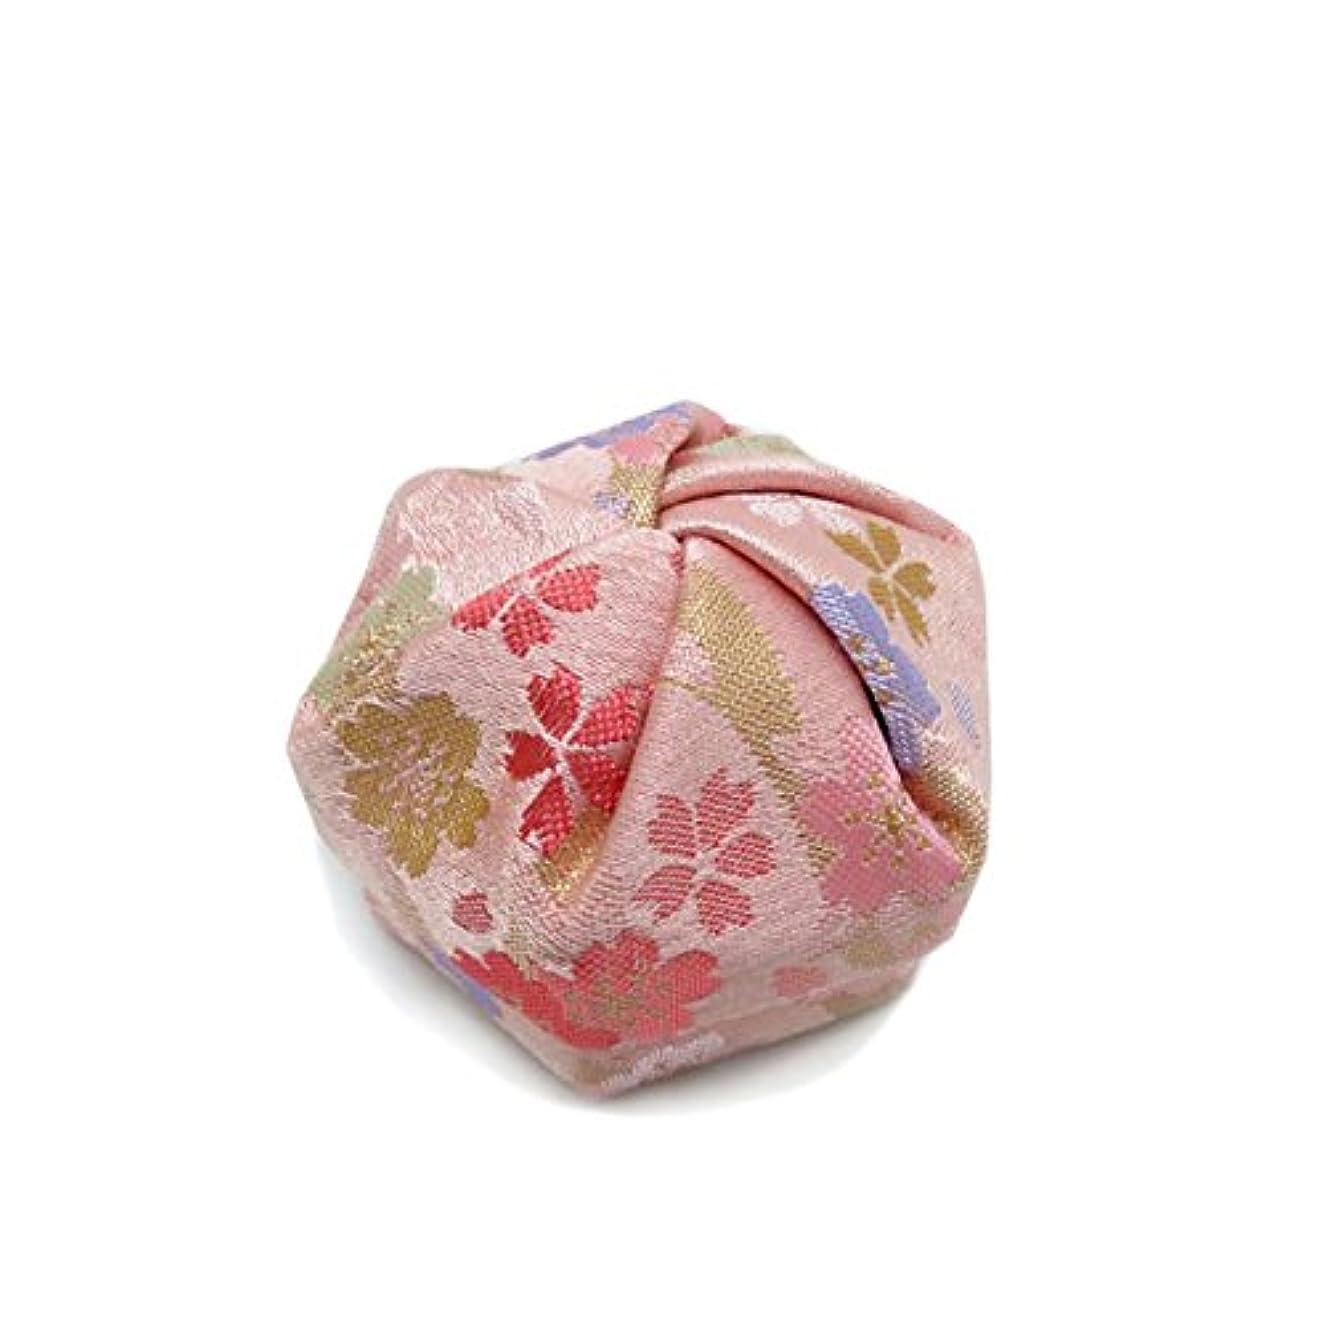 延ばす面積ディベート布香盒 ピンク系 紙箱入